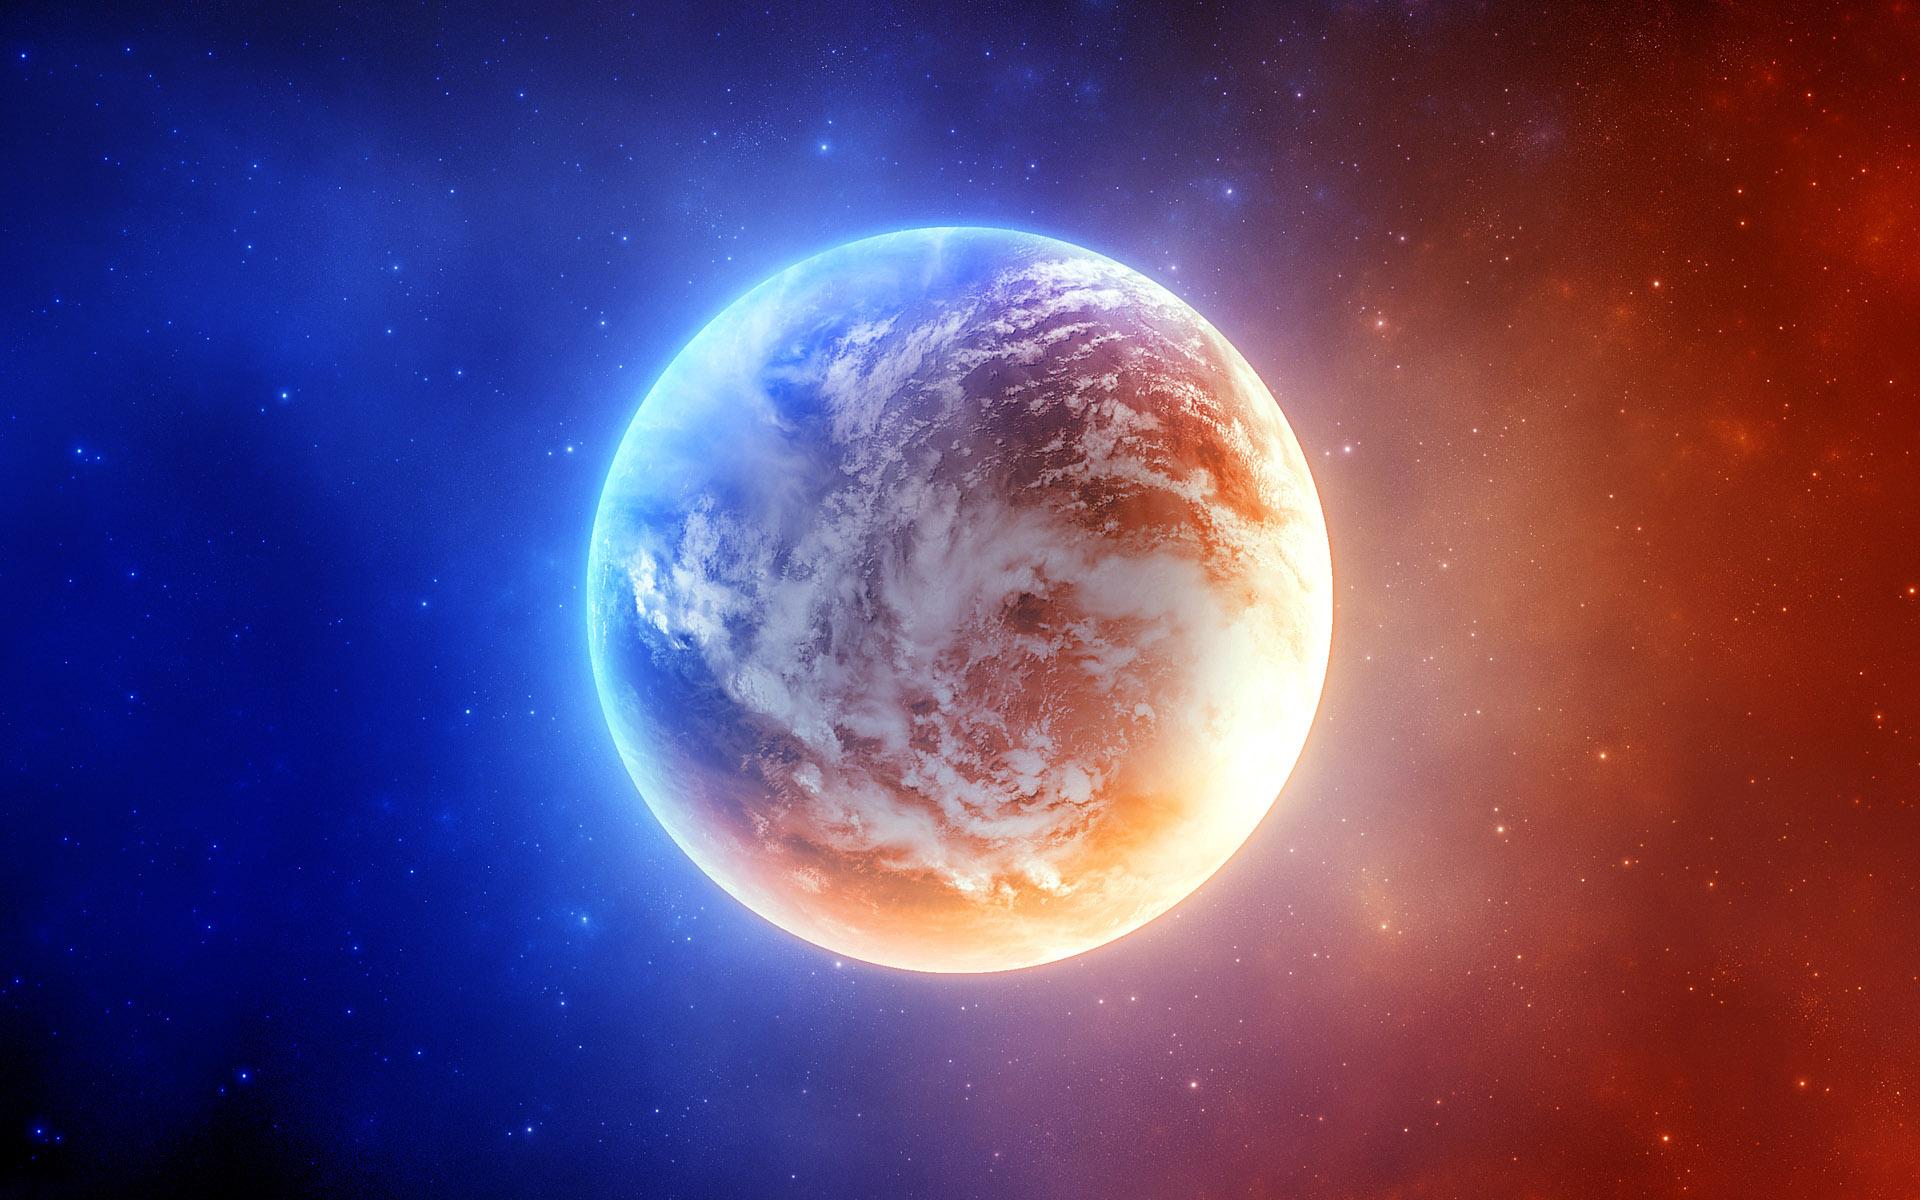 красивая красно-голубая планета, космос